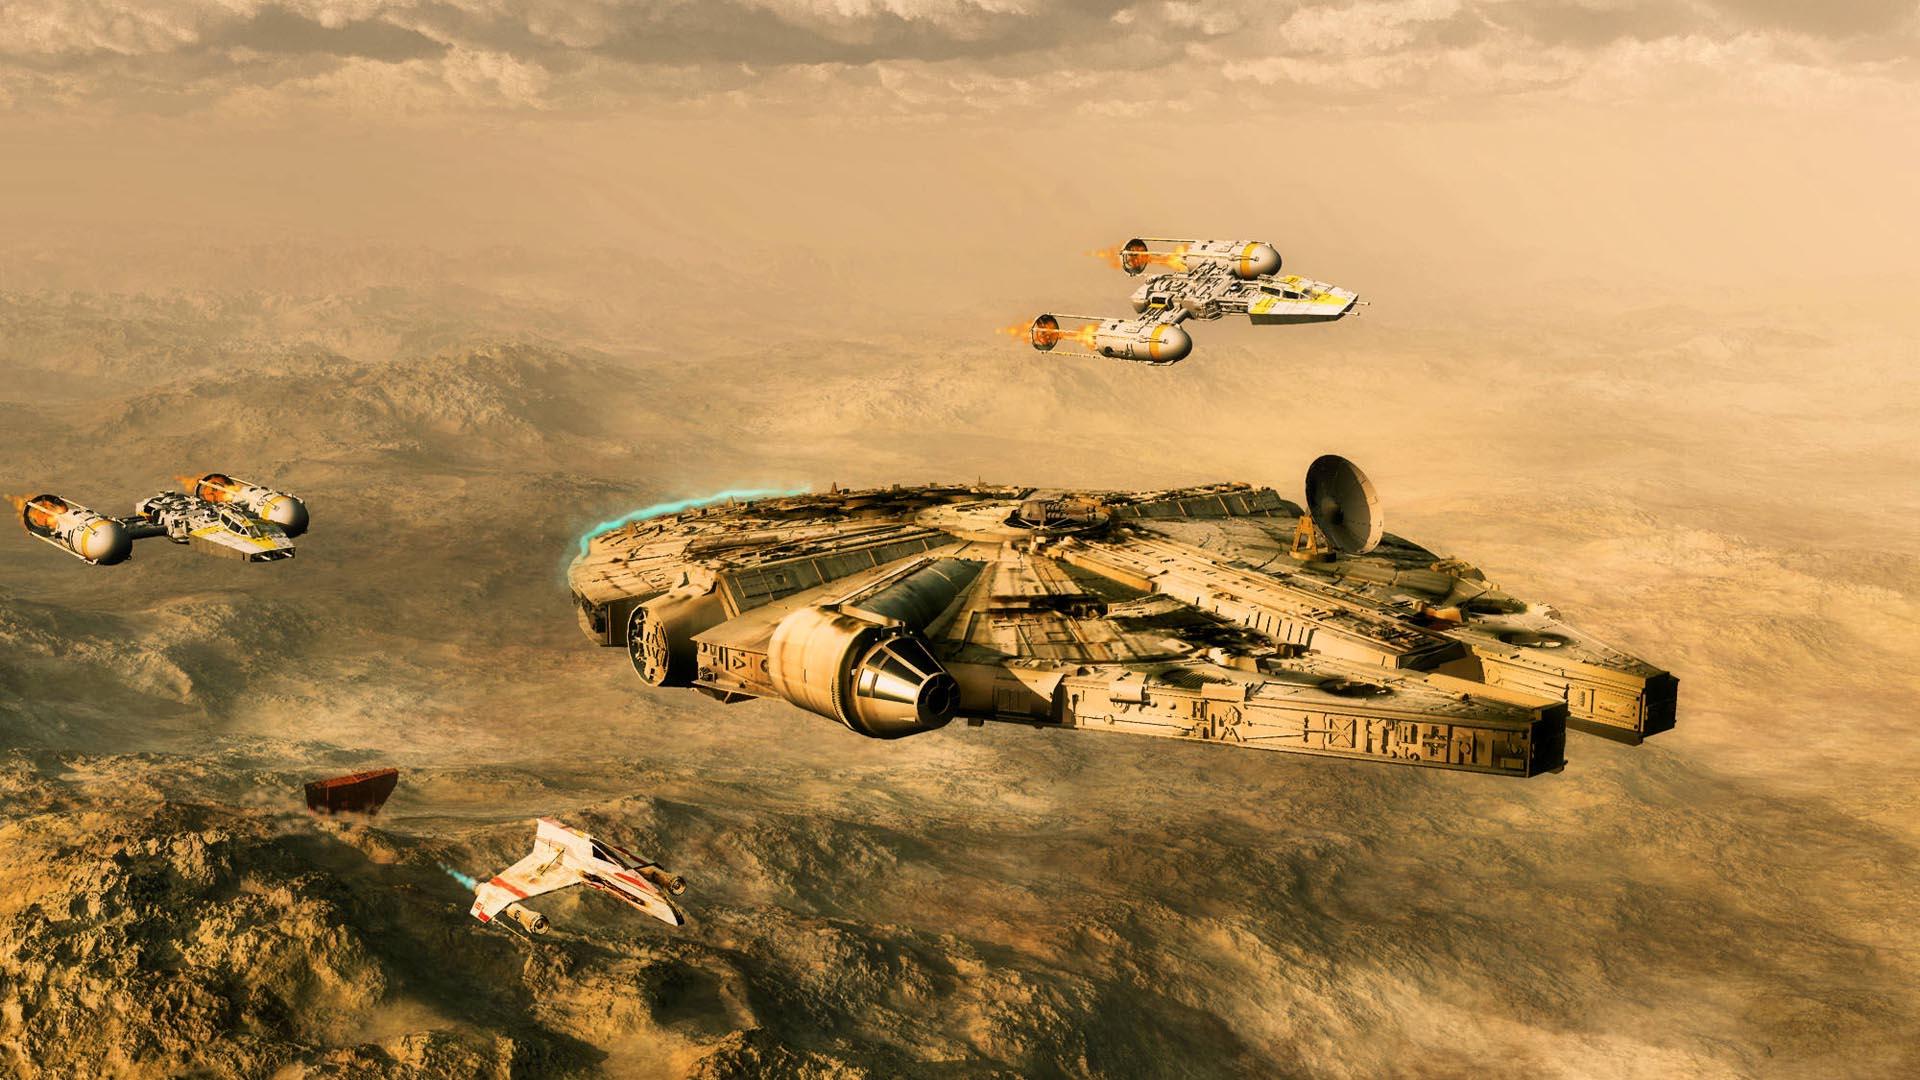 48 New Star Wars Wallpaper Hd On Wallpapersafari